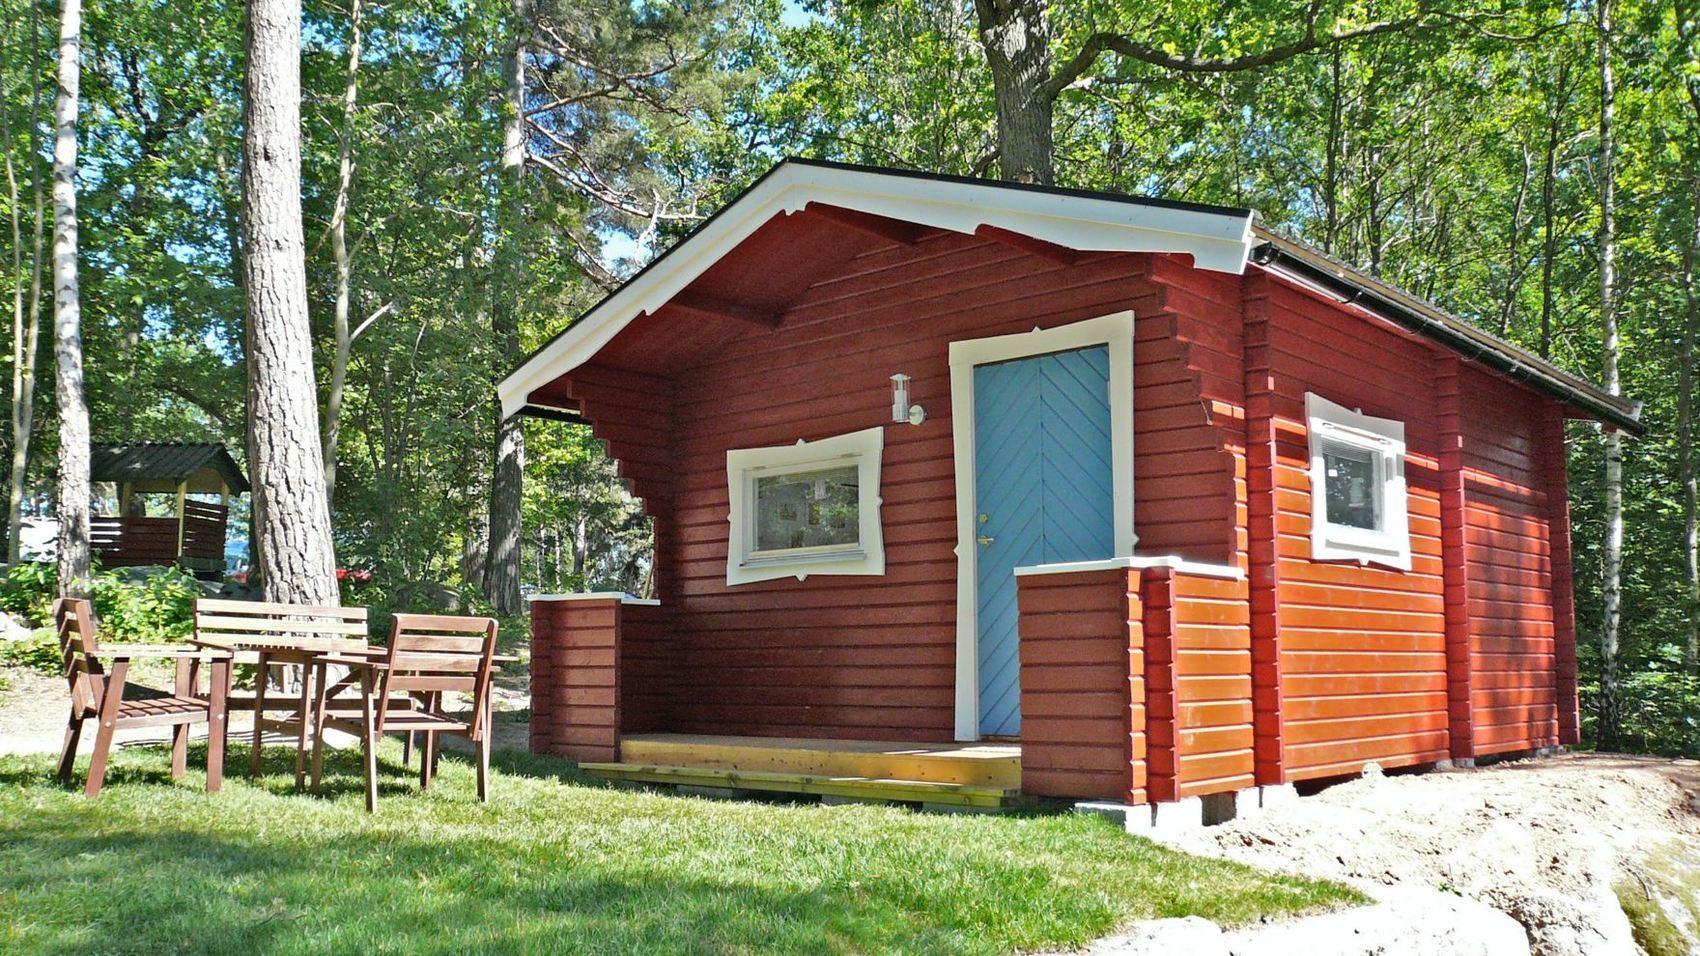 Röd campingstuga med blå dörr.